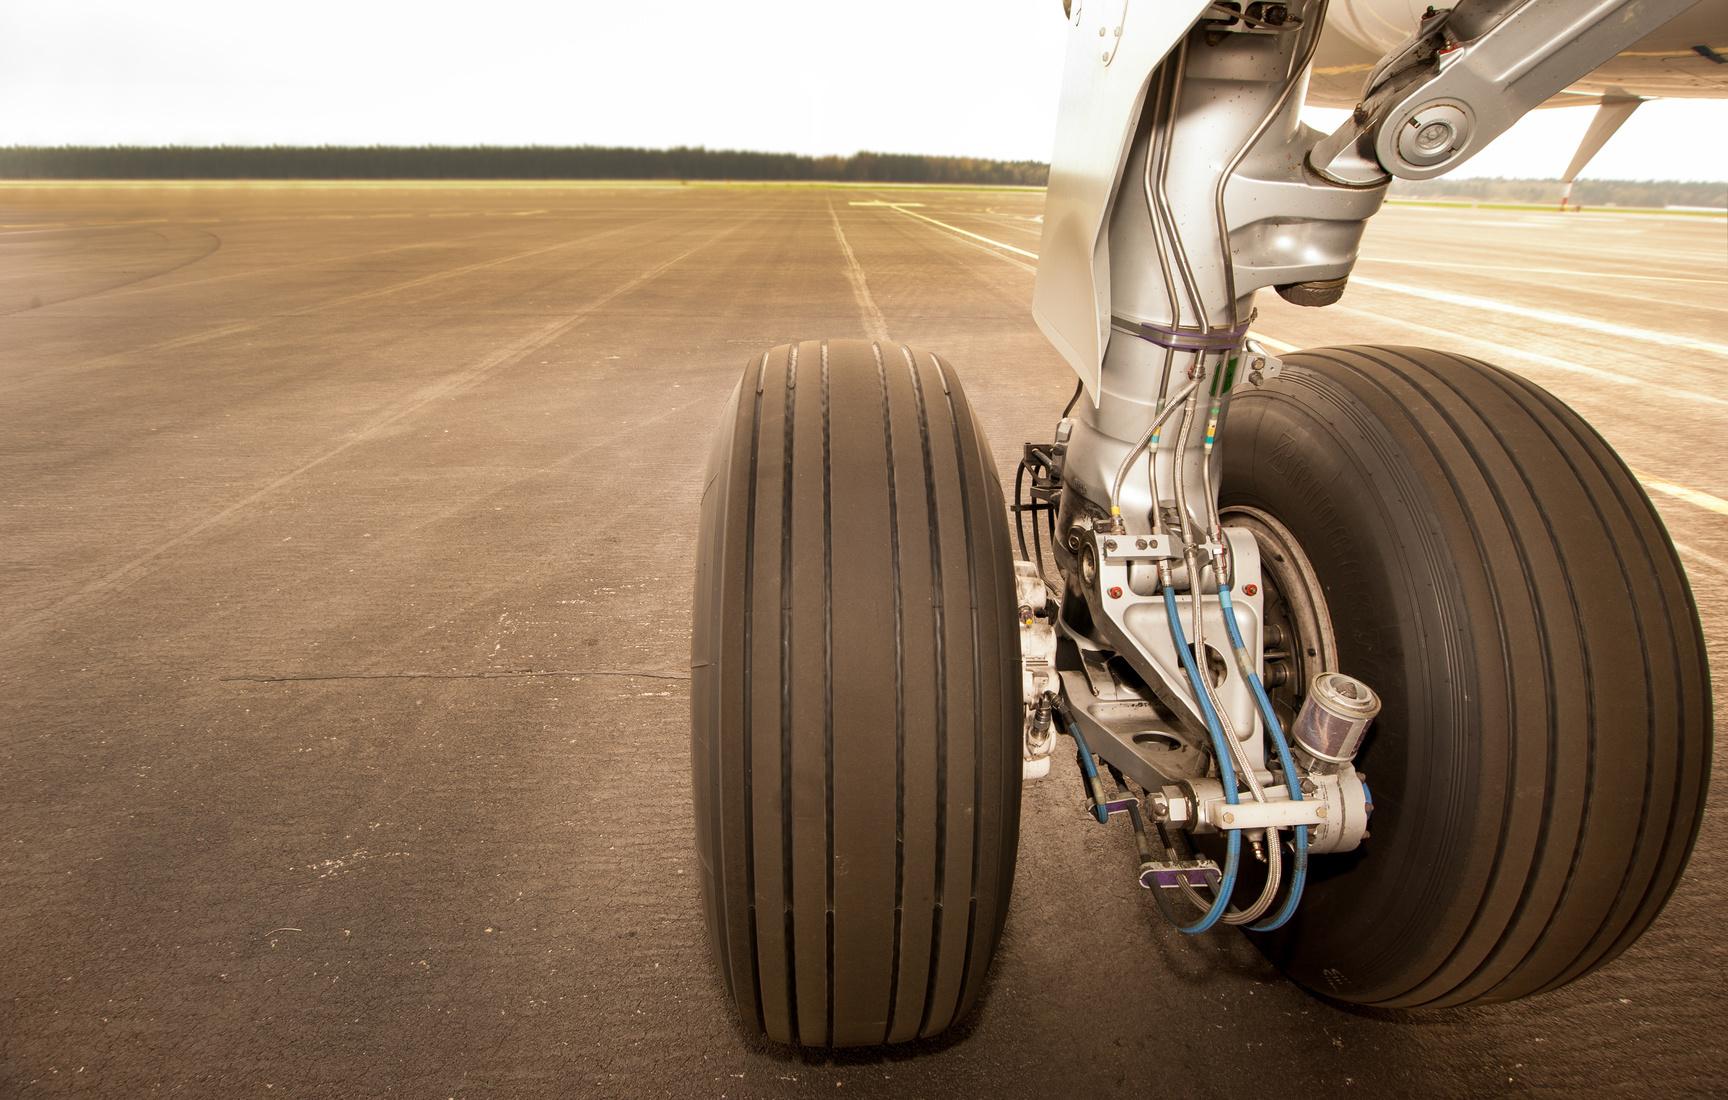 Landing gear, wheels on the runway